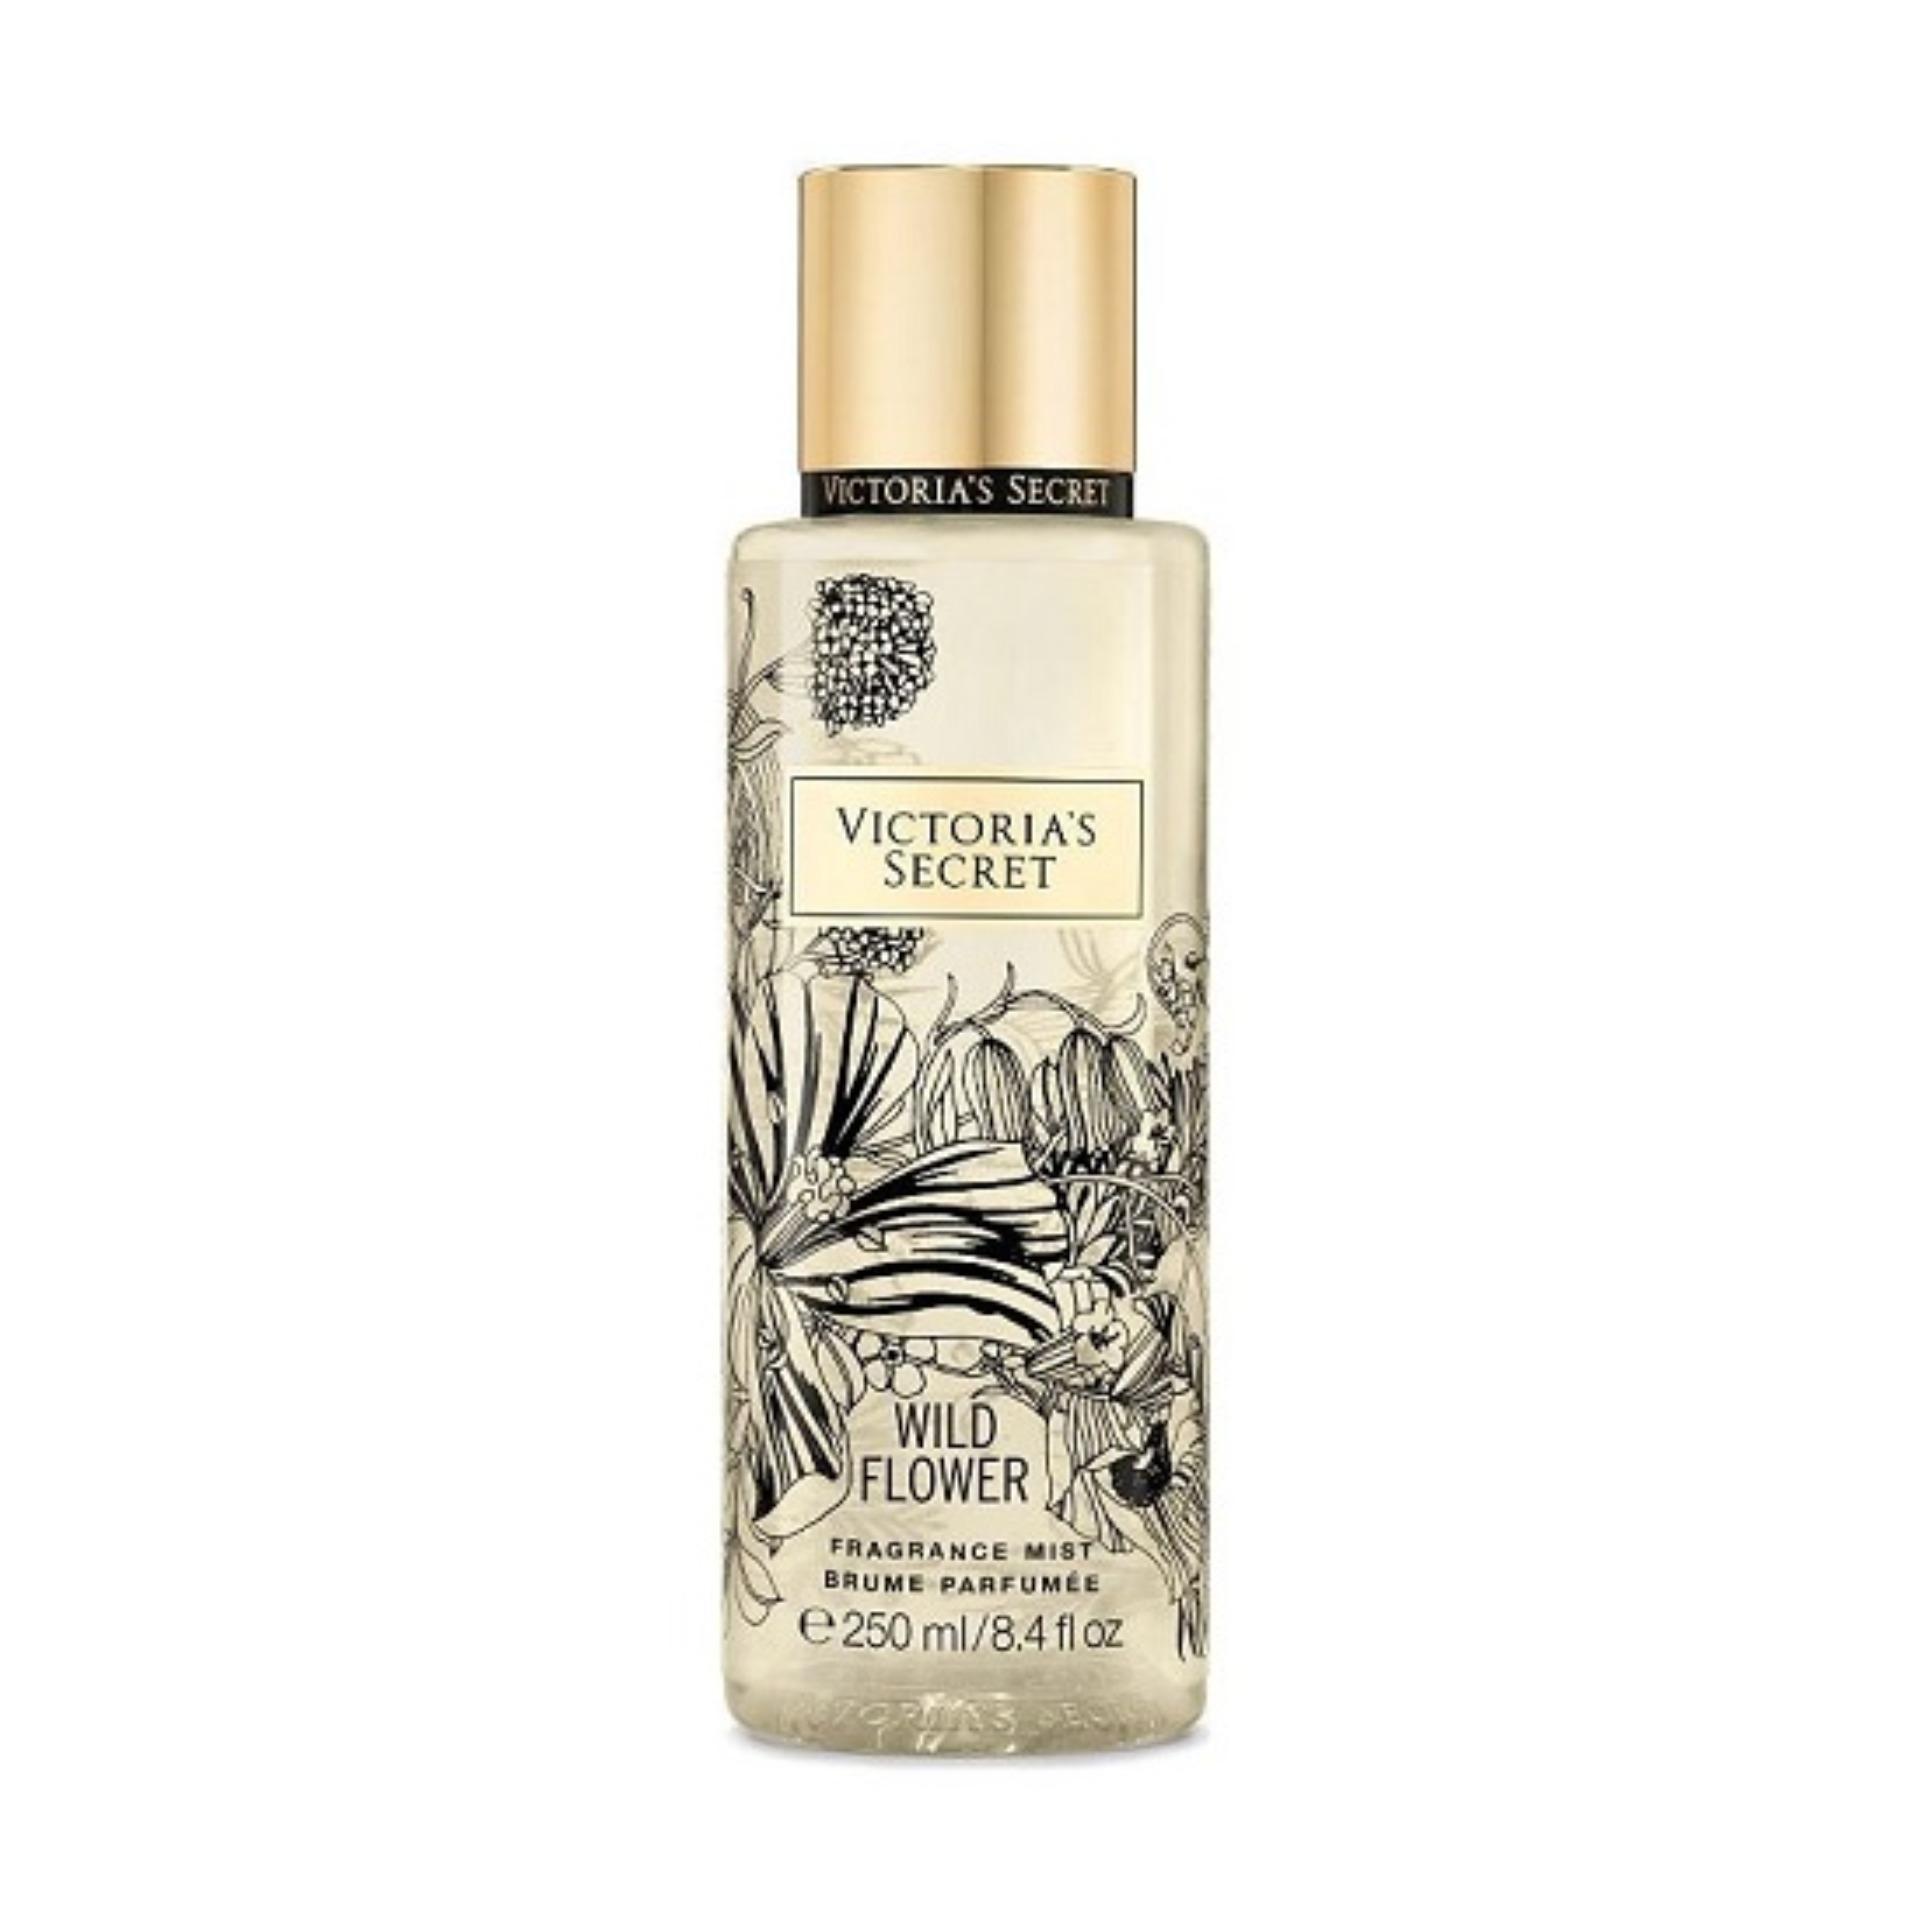 9015b951fe1 Wild Flower by Victoria's Secret for Women Fragrance Mist 250ml